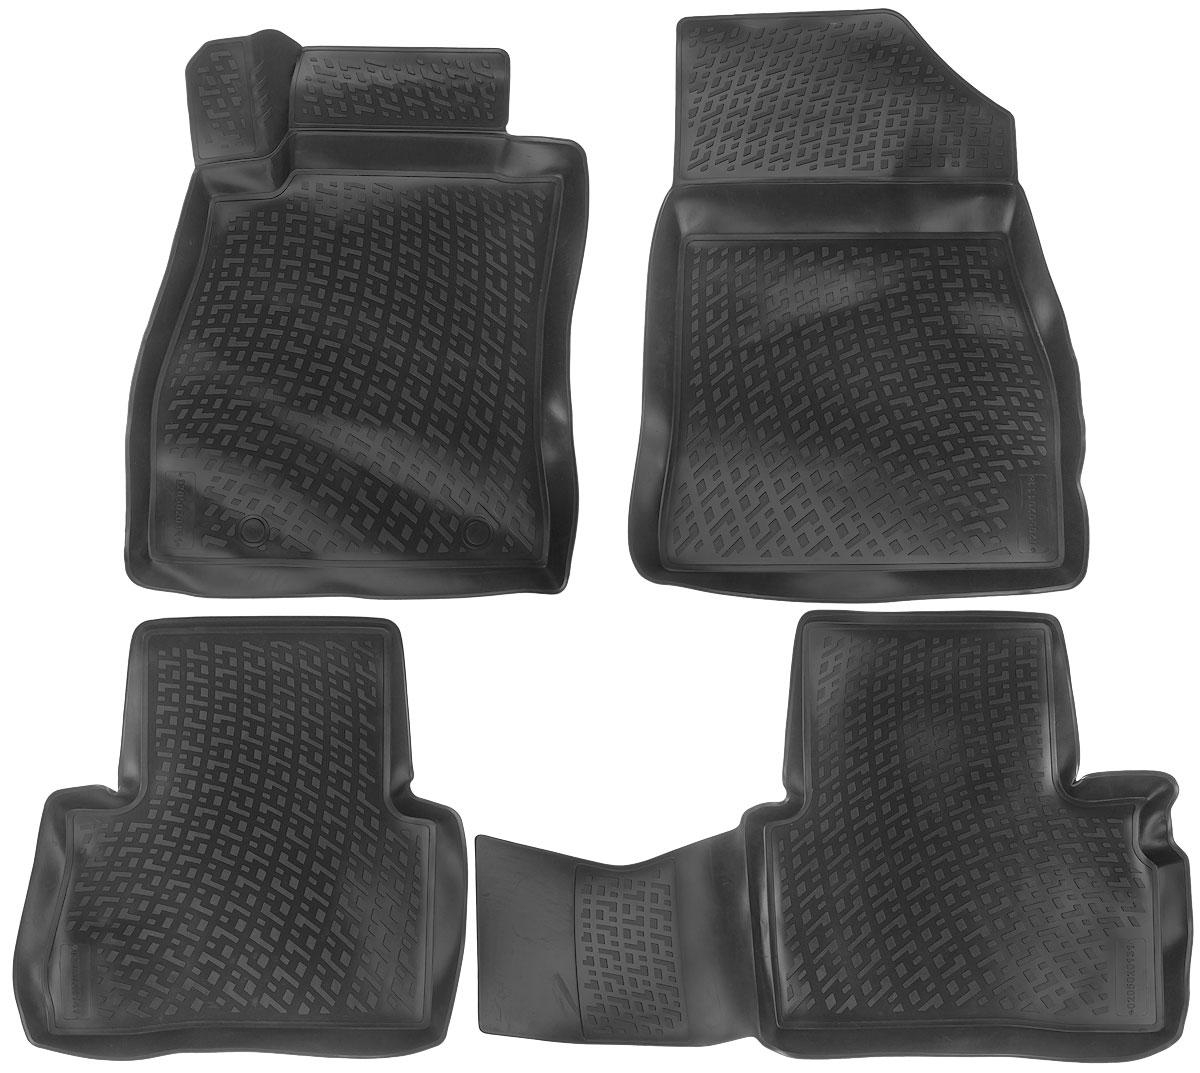 Набор автомобильных ковриков L.Locker Nissan Juke 2010, в салон, 4 штVT-1520(SR)Набор L.Locker Nissan Juke 2010, изготовленный из полиуретана, состоит из 4 антискользящих 3D ковриков, которые производятся индивидуально для каждой модели автомобиля. Изделие точно повторяет геометрию пола автомобиля, имеет высокий борт, обладает повышенной износоустойчивостью, лишено резкого запаха и сохраняет свои потребительские свойства в широком диапазоне температур от -50°С до +50°С.Комплектация: 4 шт.Размер ковриков: 92 см х 57 см; 57 см х 56 см; 72 см х 58 см; 77 см х 58 см.